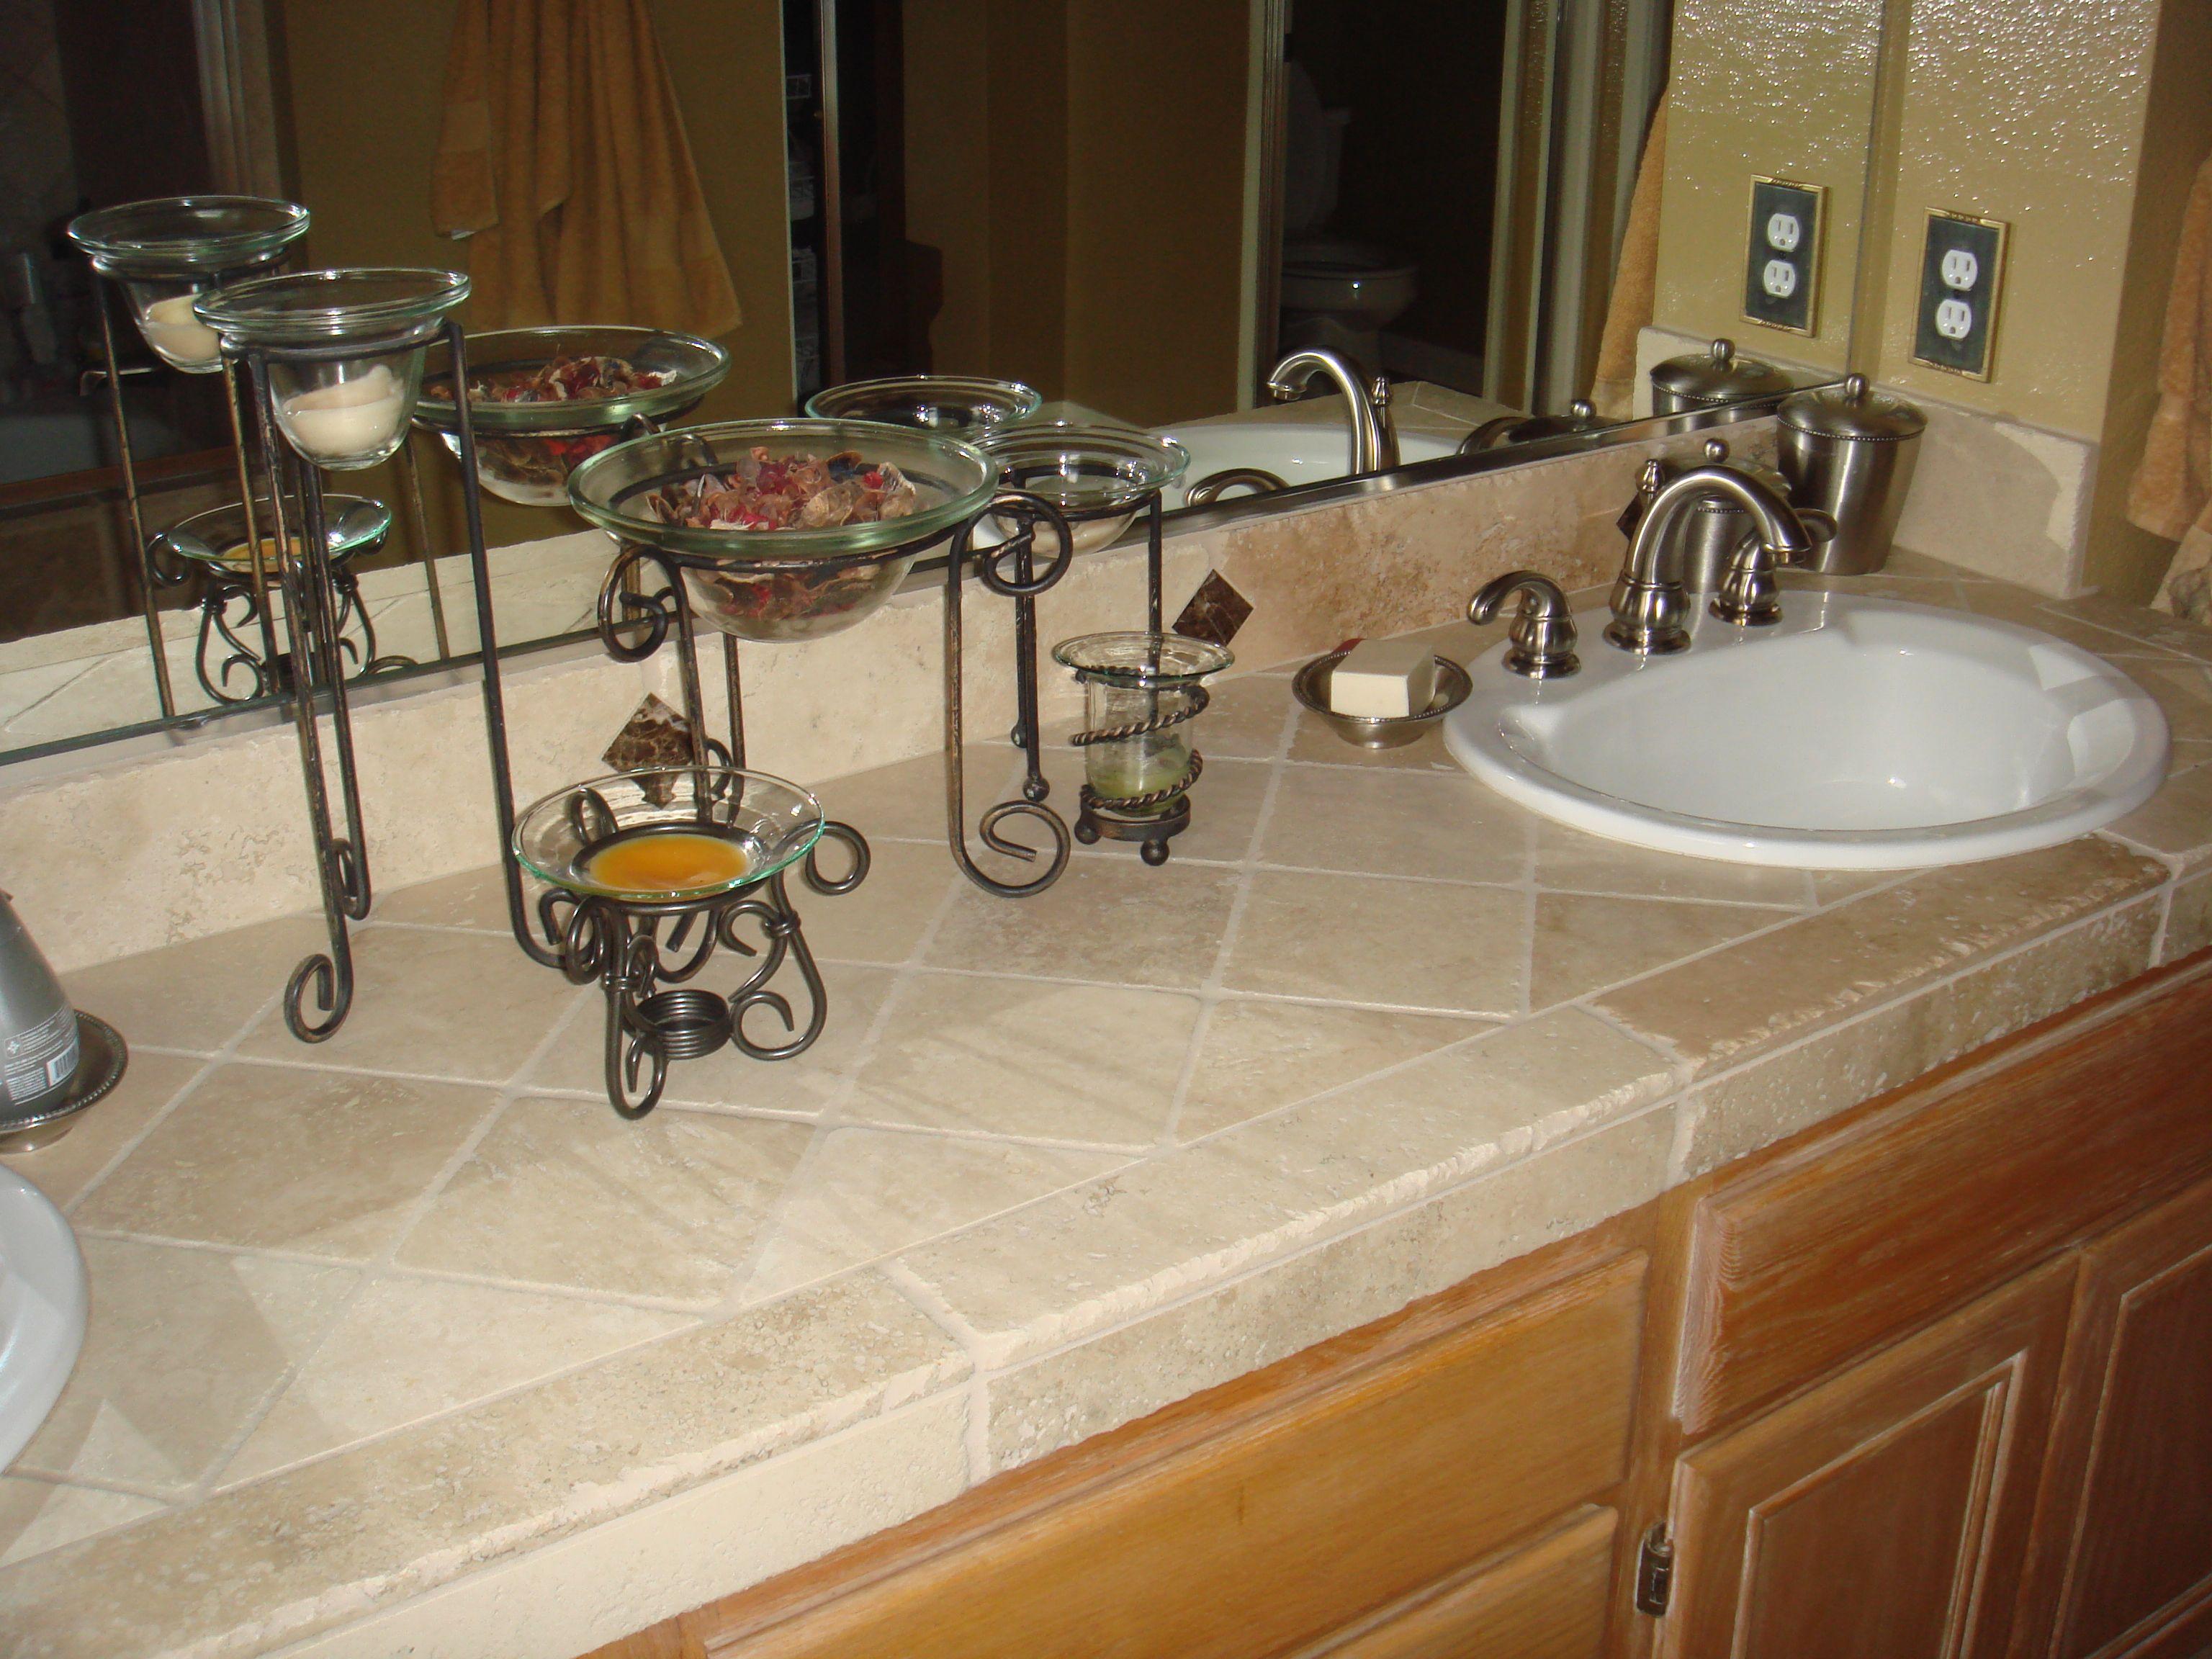 Bathroom tile counter tile bathroom tiled countertop